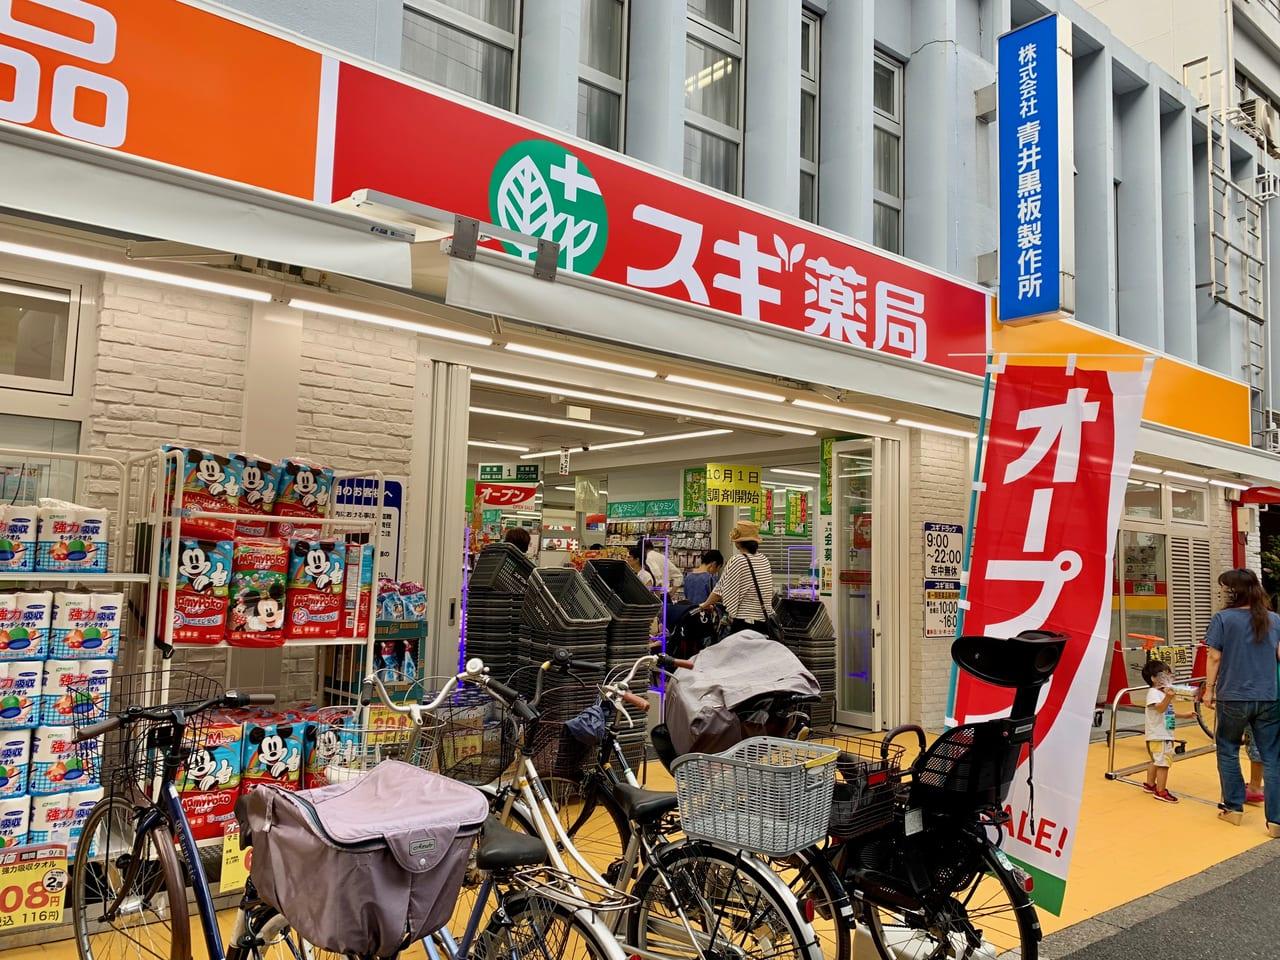 垂水 スギ 薬局 江坂垂水町店のチラシと店舗情報|スギ薬局グループ お客さまサイト